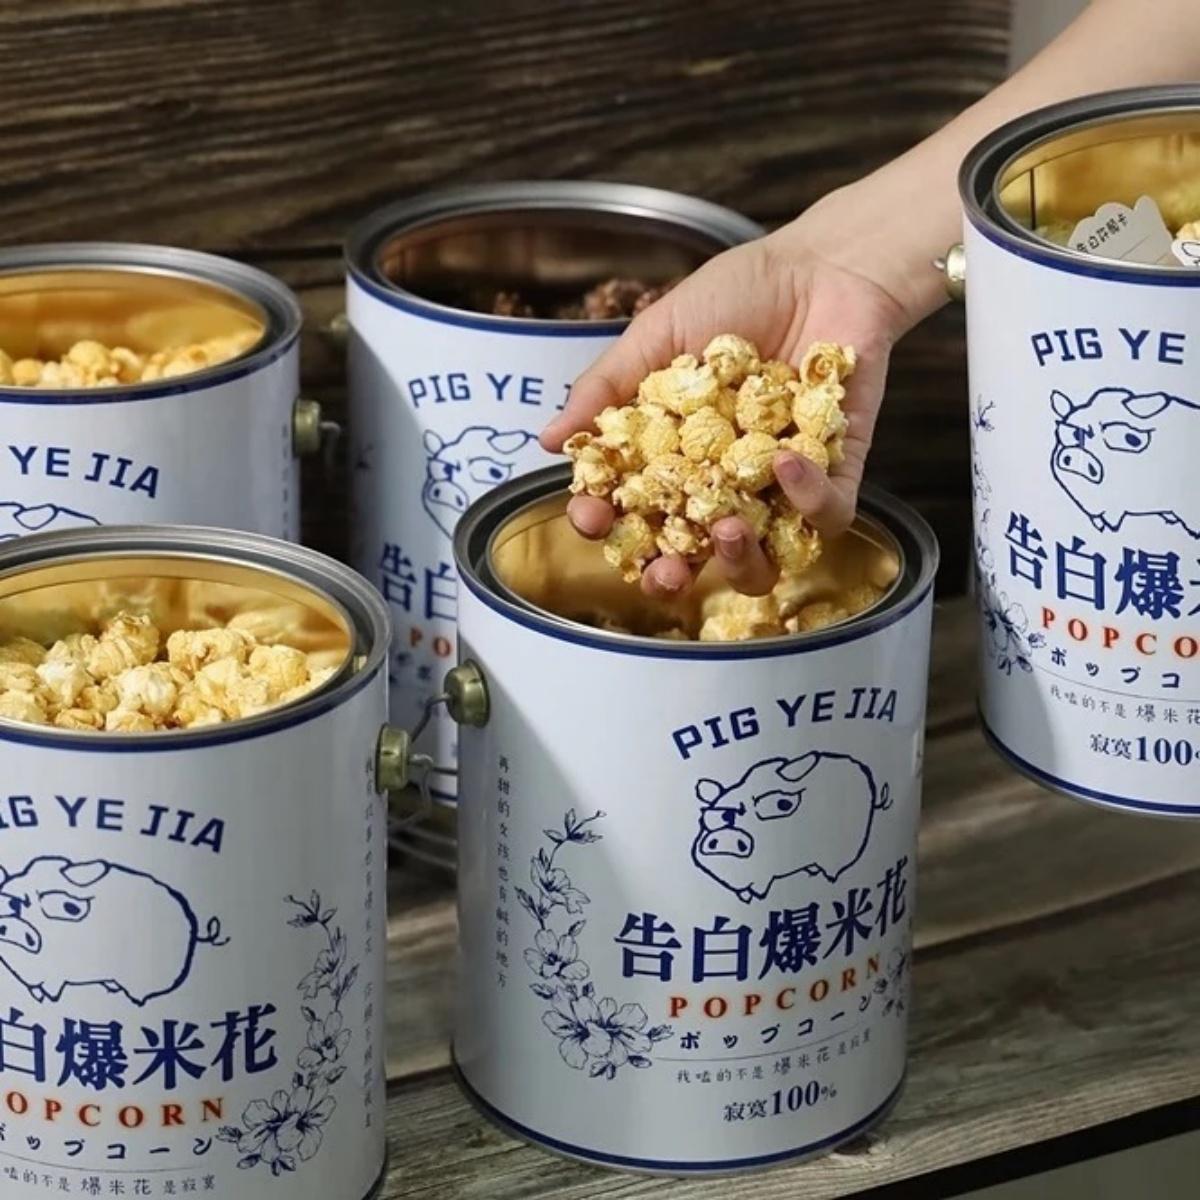 全台唯一「告白爆米花」!油漆桶+飼料袋太吸睛,「鹽酥雞、巧克力」口味必吃